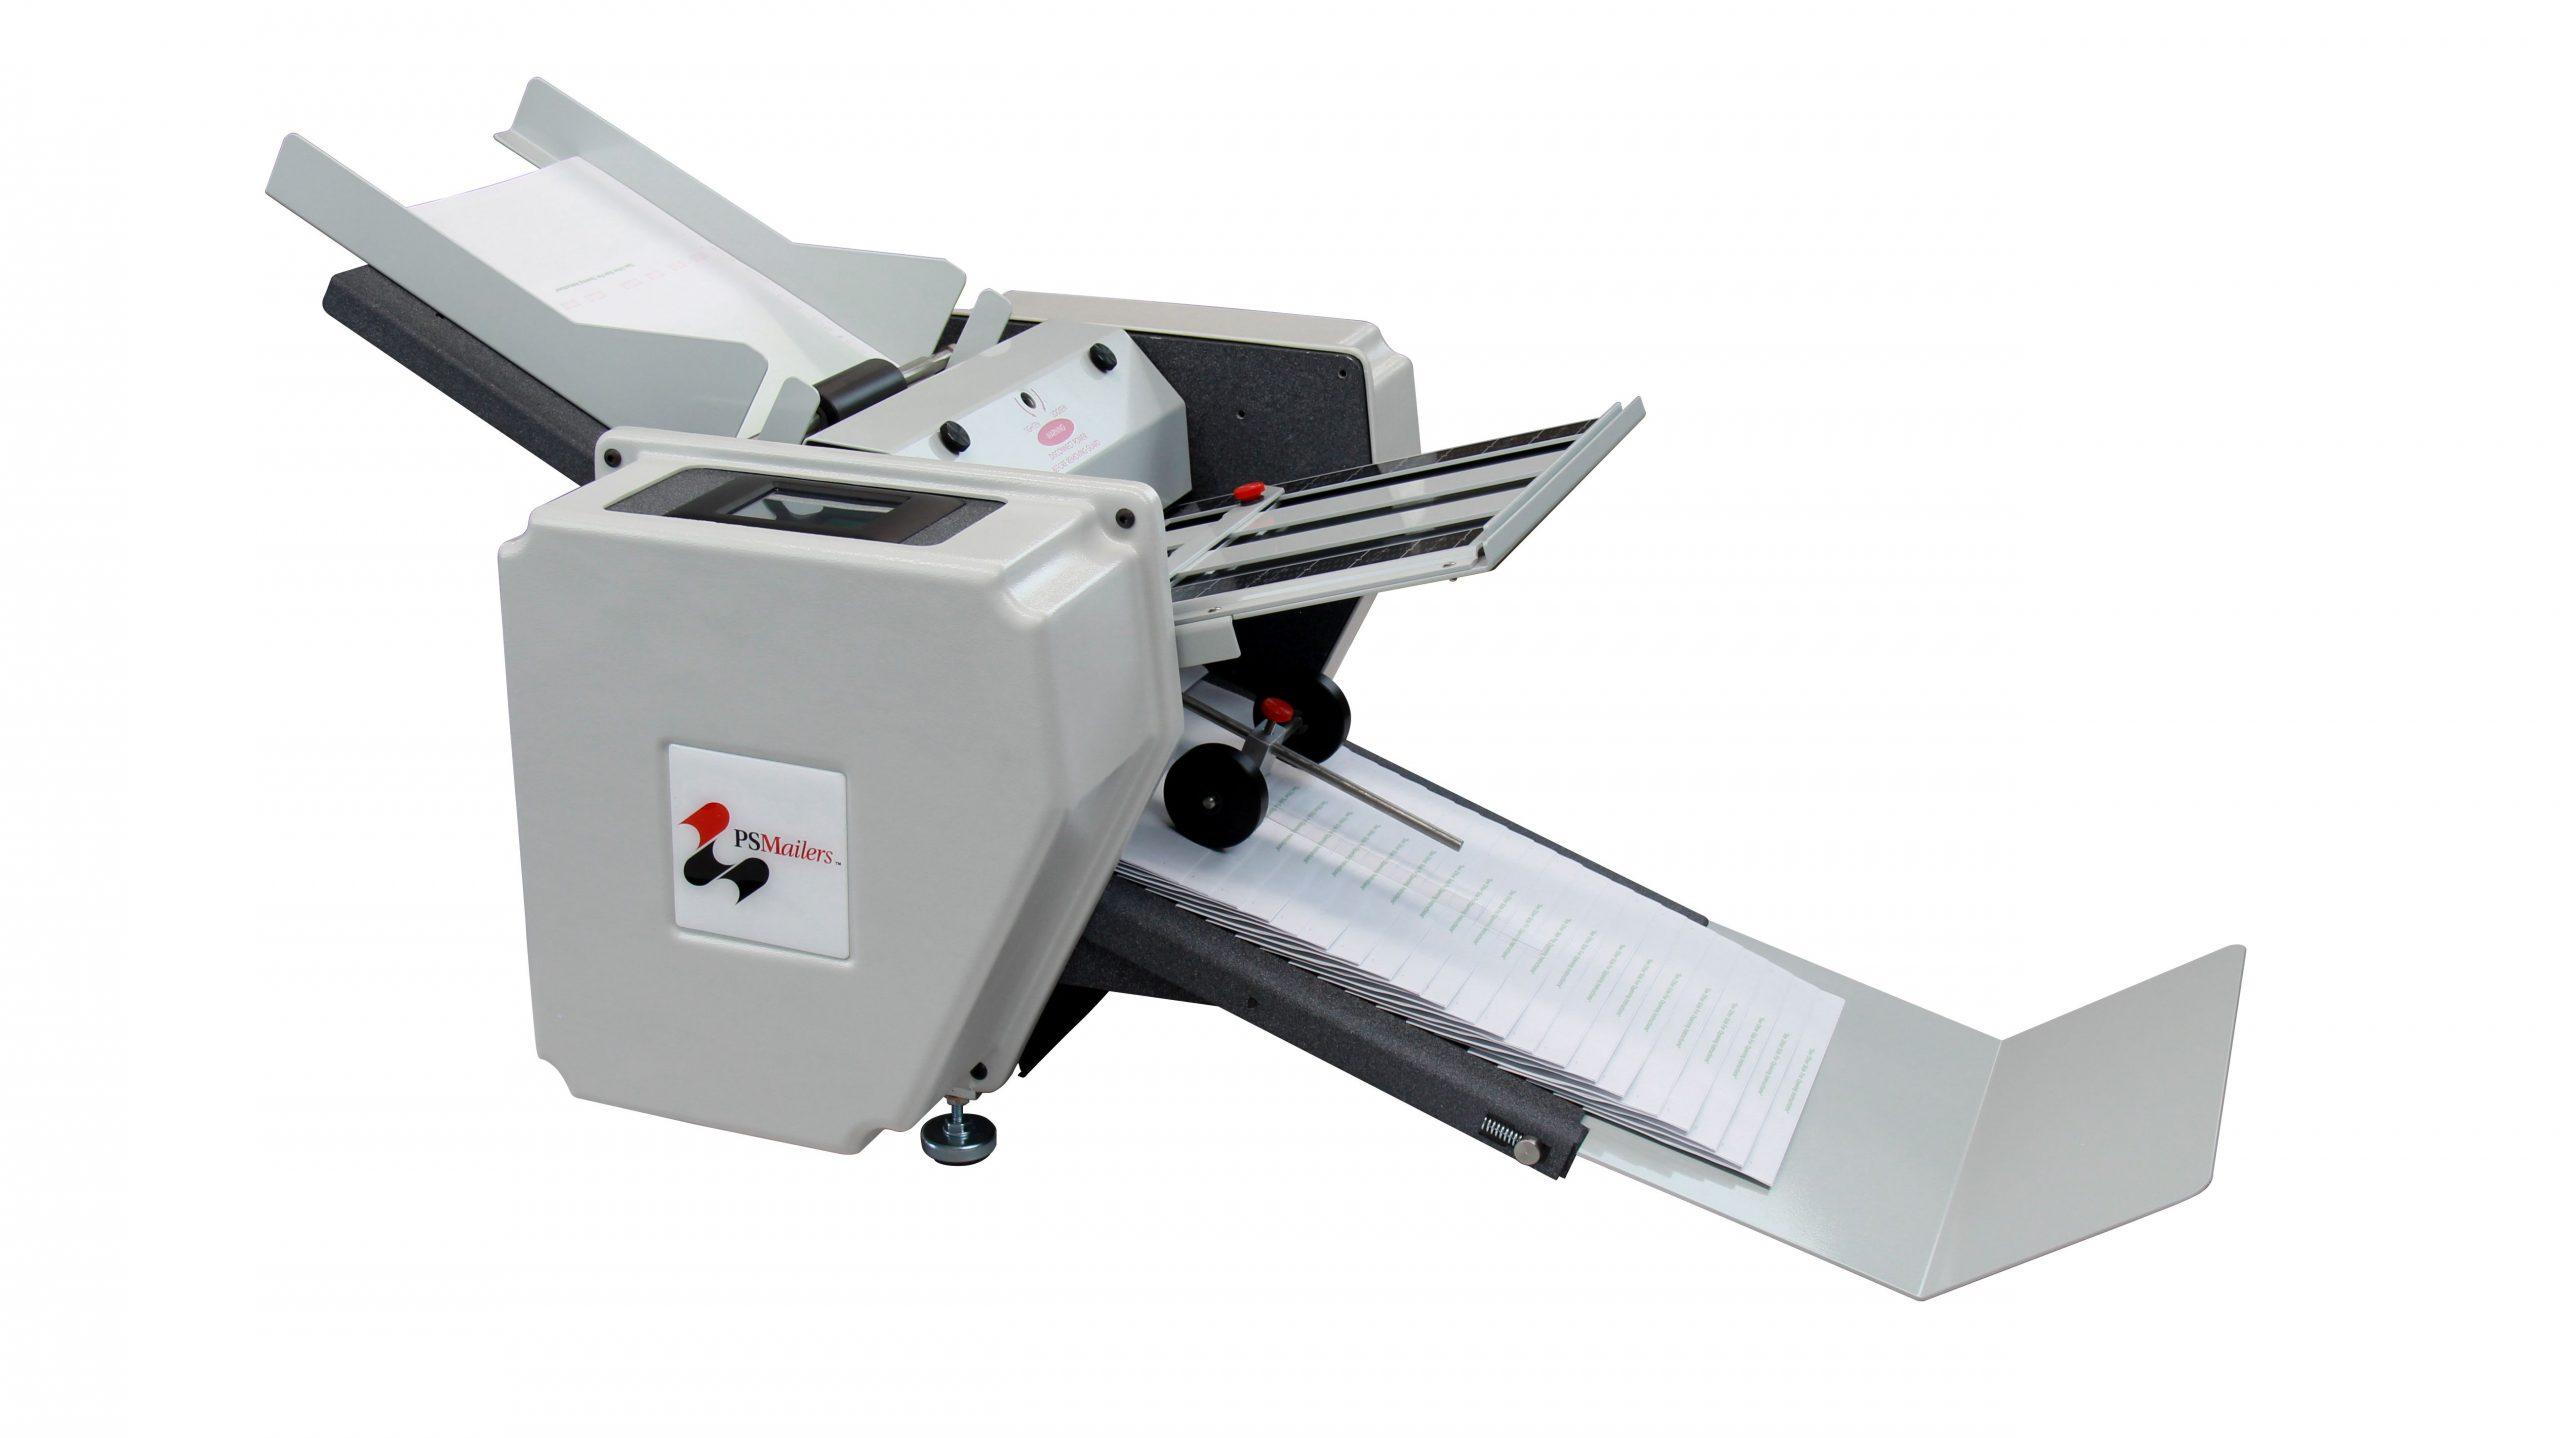 PSM6000 Pressure seal mailer